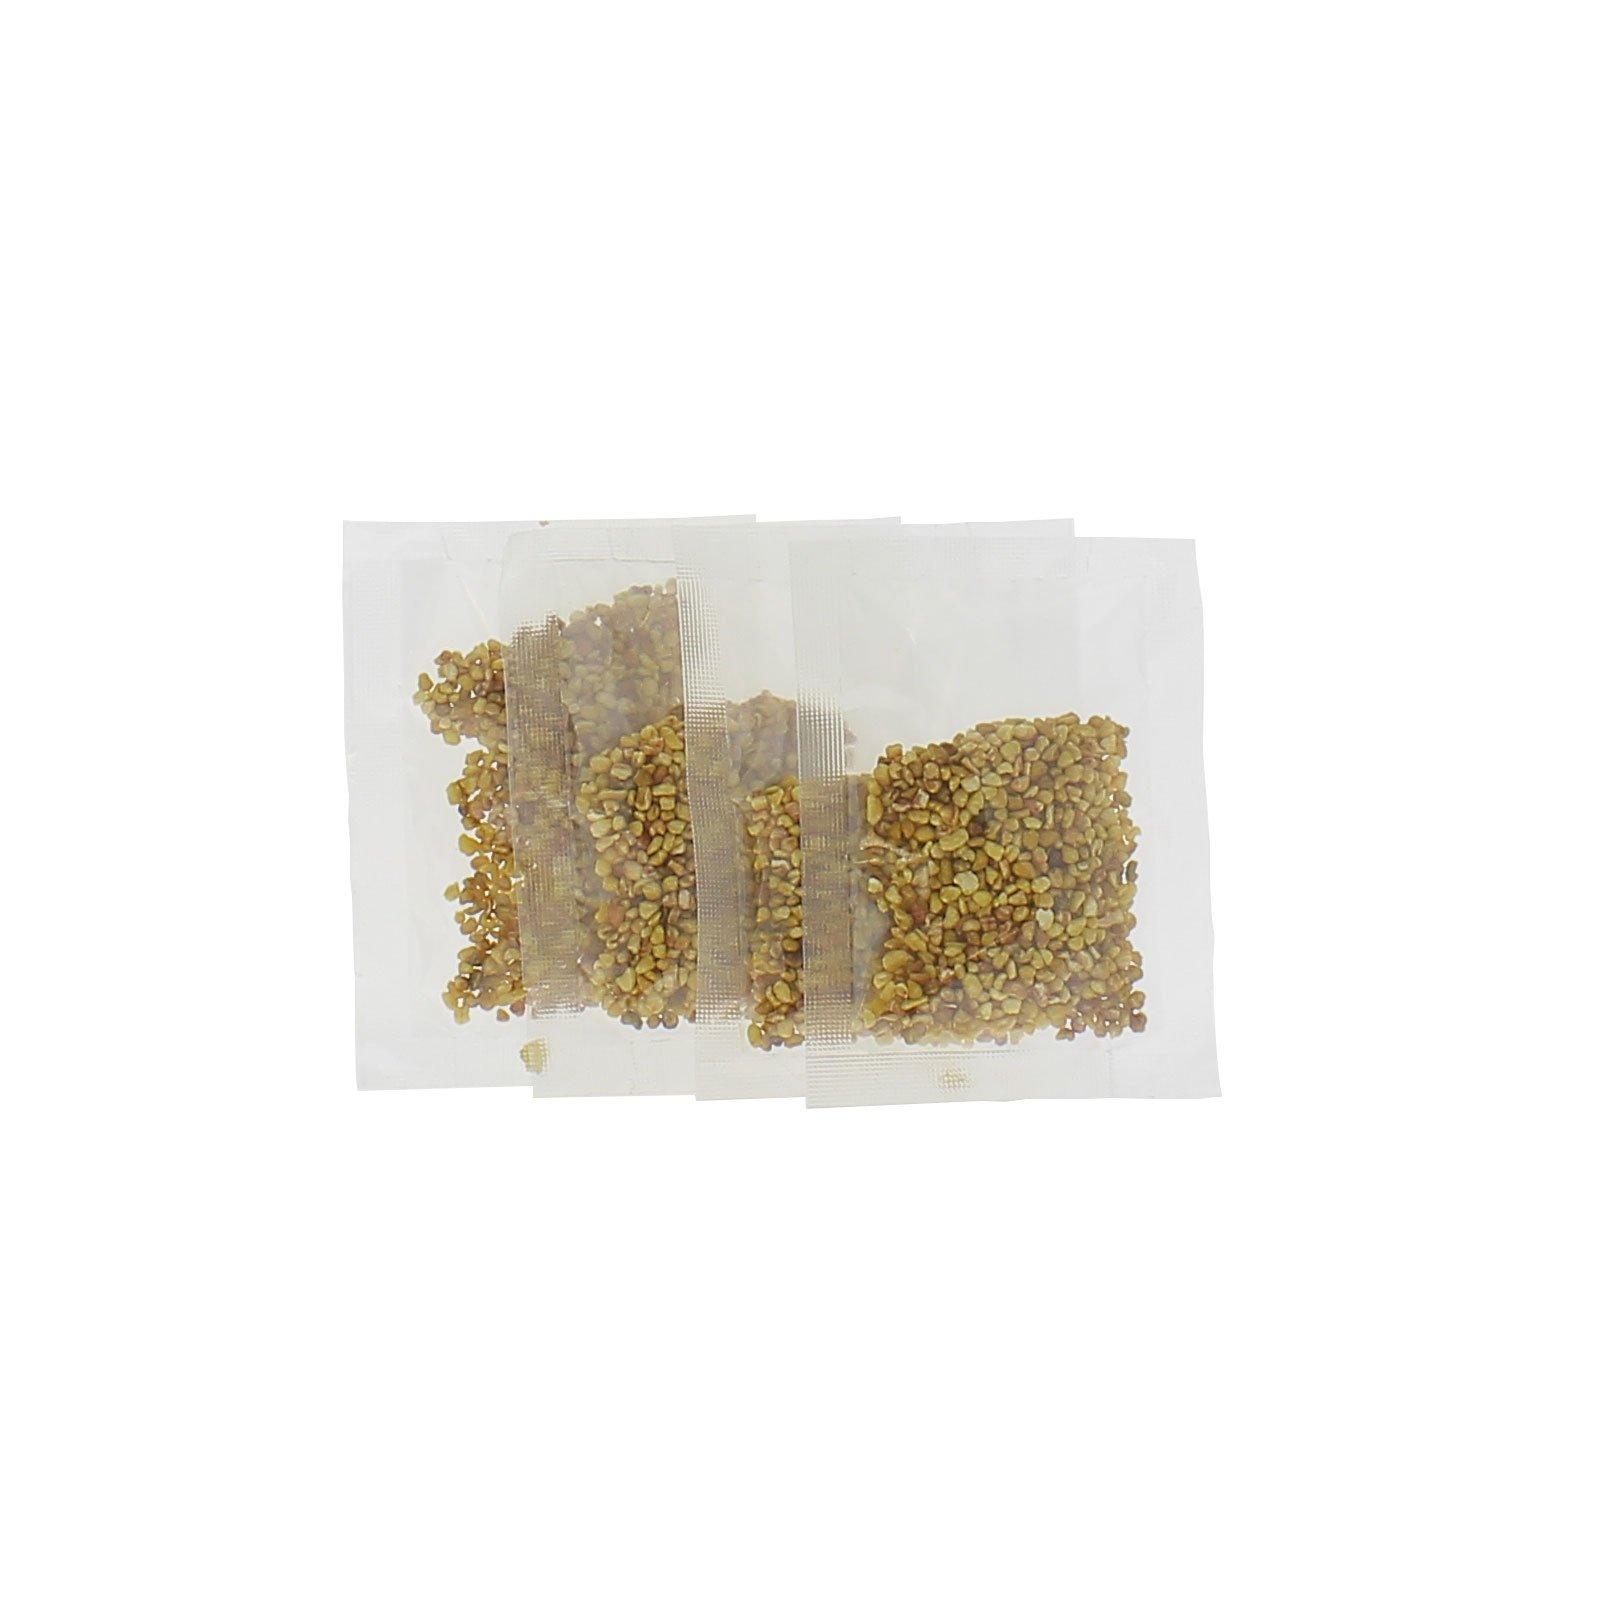 Perfume aroma Tilia para aspiradora sin bolsa, x4: Amazon.es: Grandes electrodomésticos